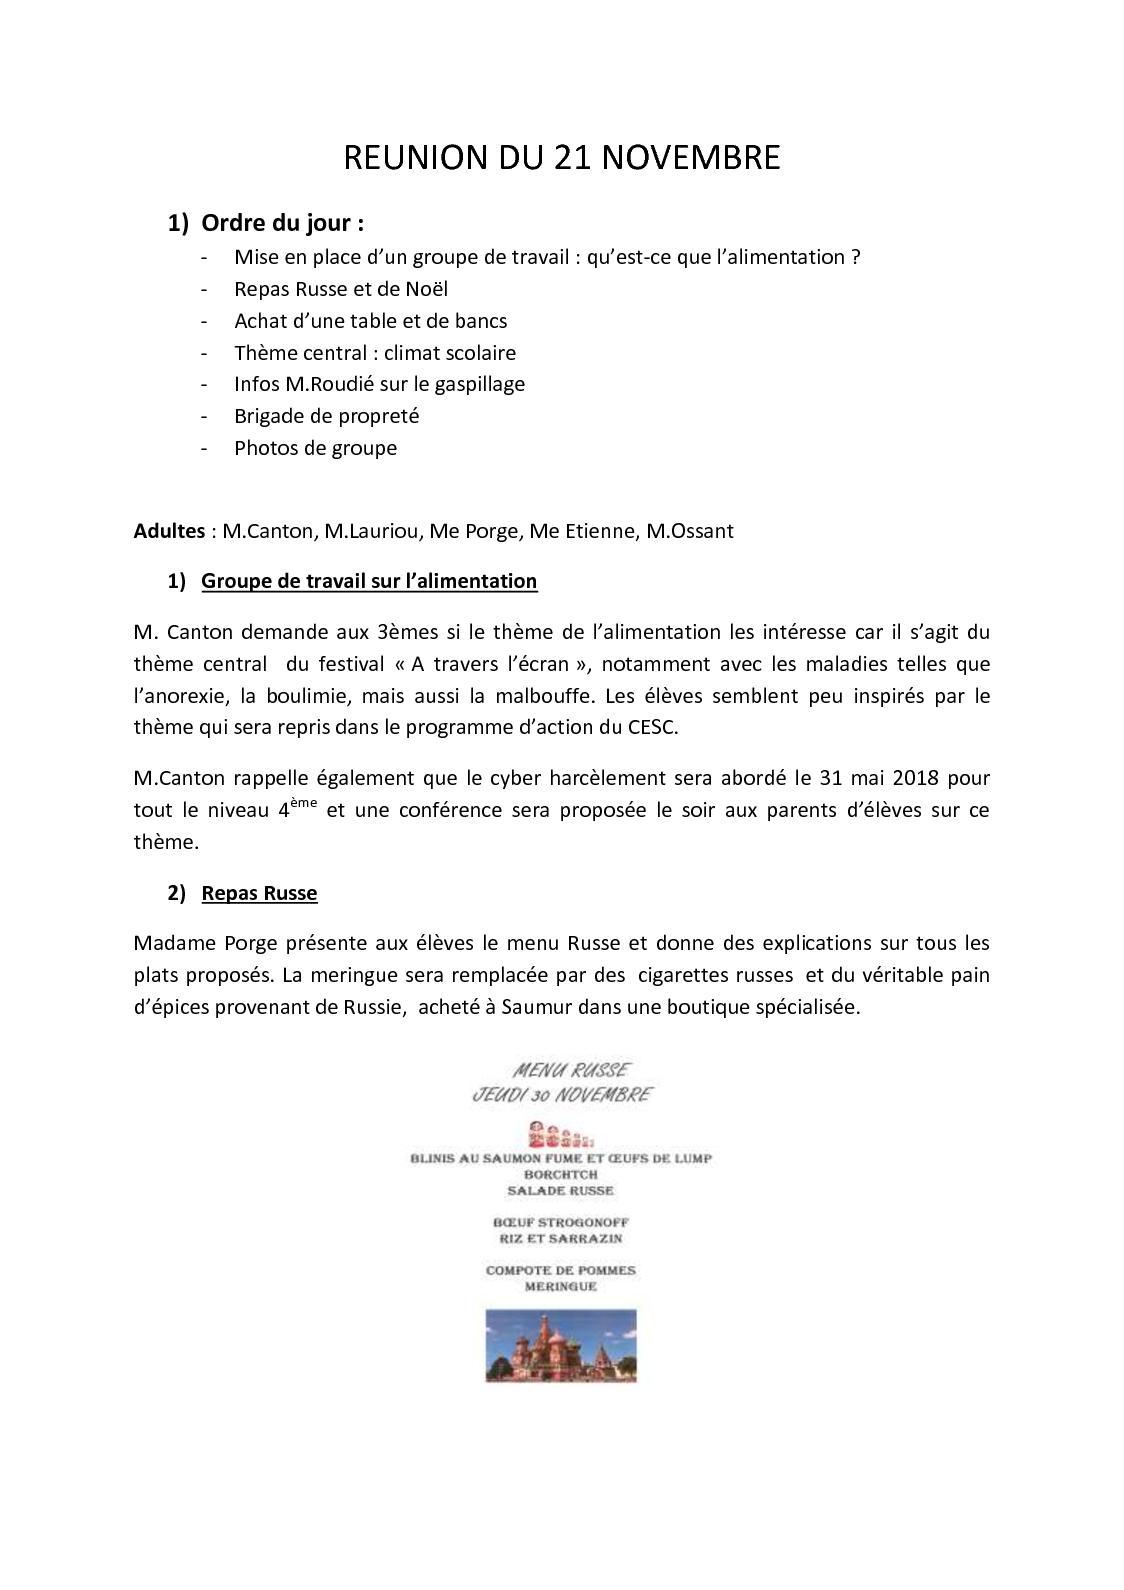 Ordre Des Plats Dans Un Menu De Noel.Calameo Cvc Compte Rendu Du 21 11 2017